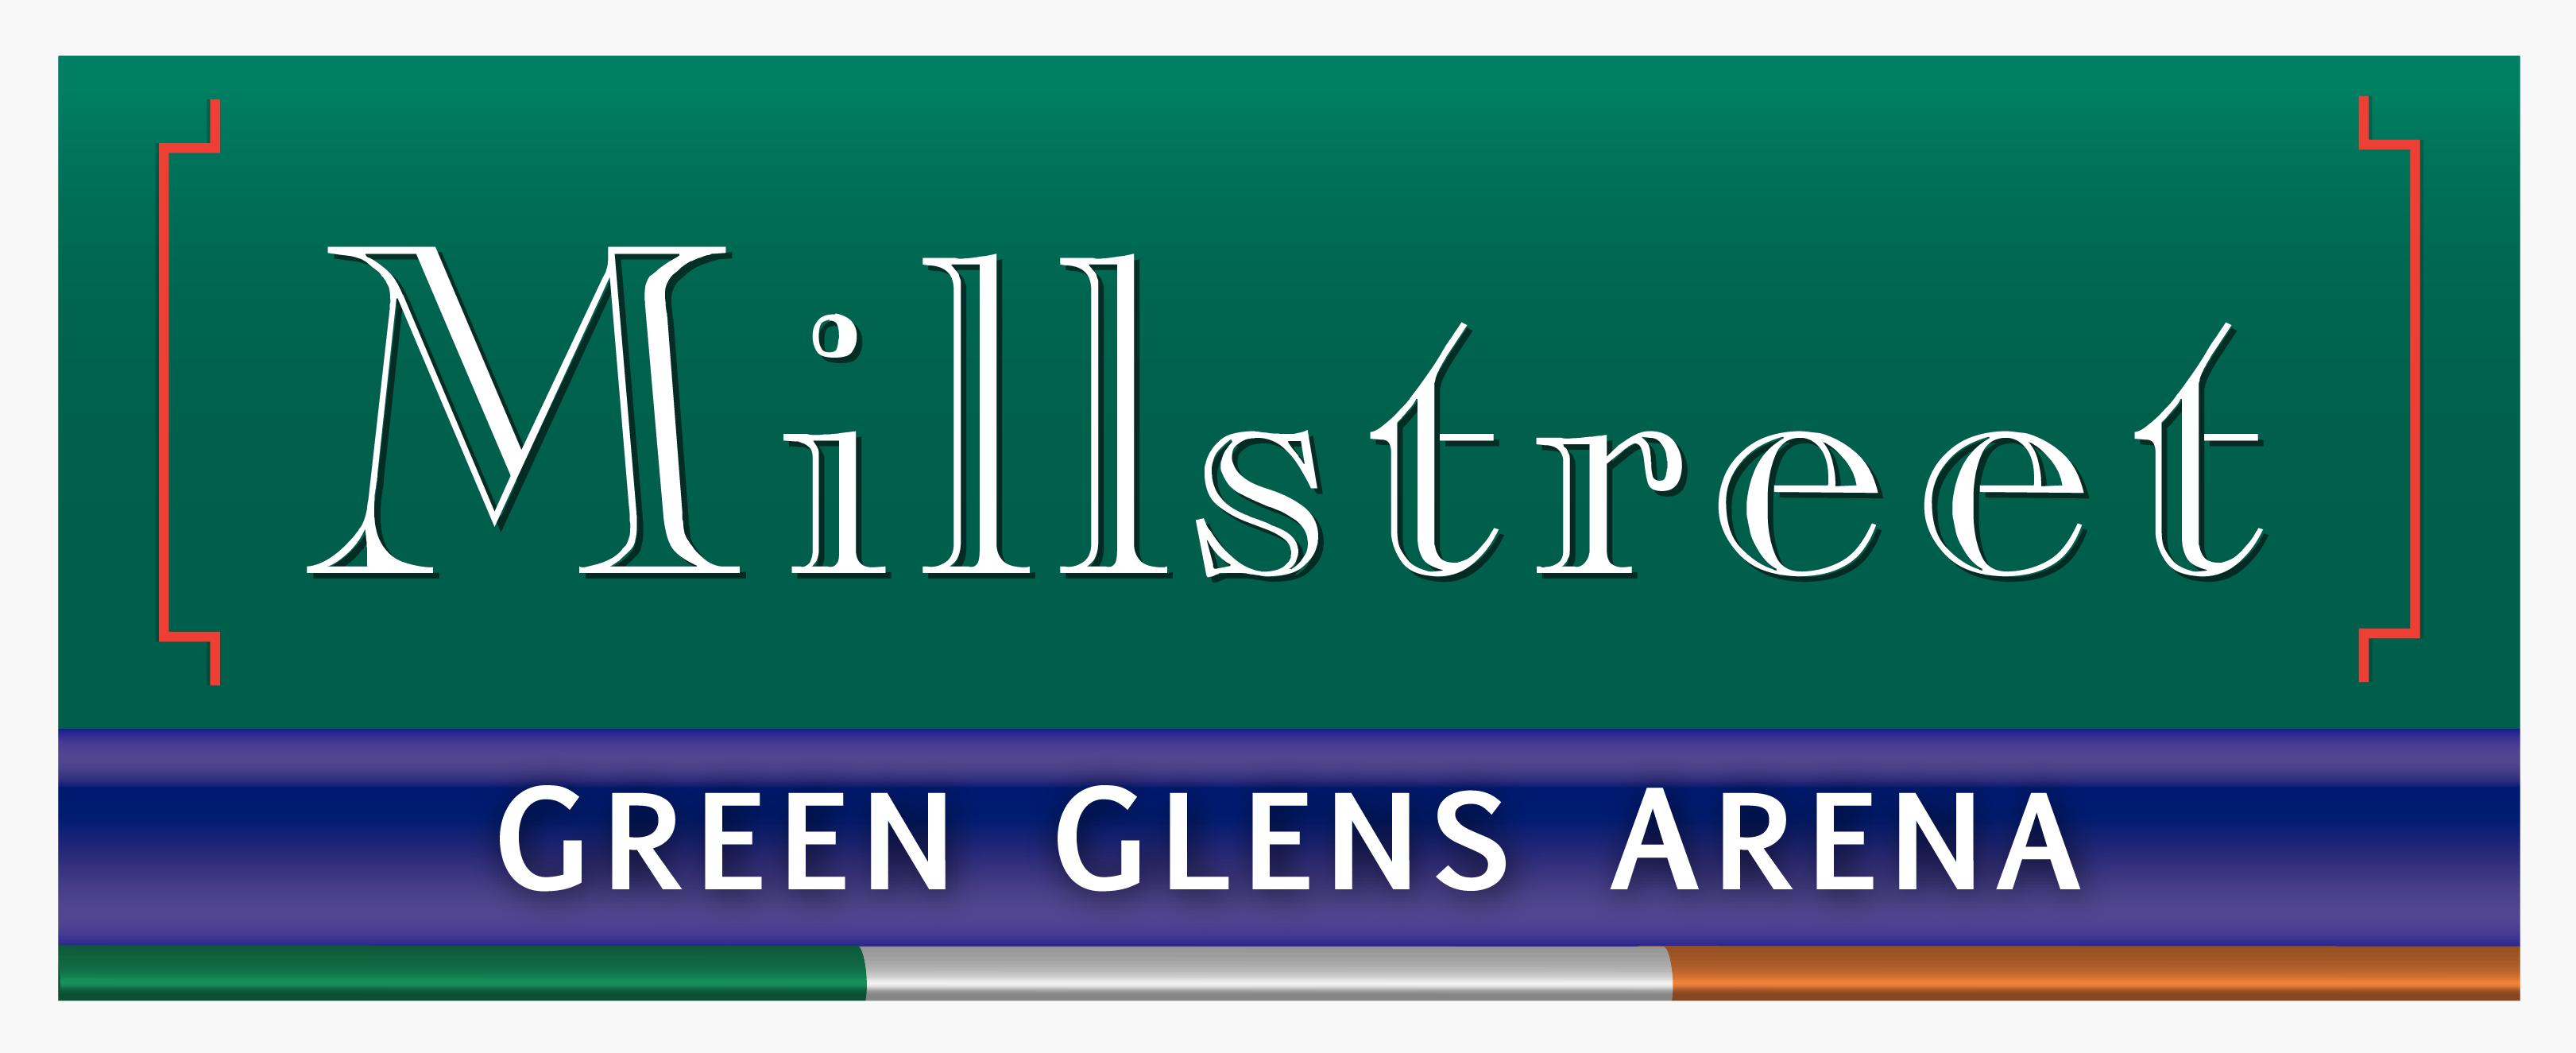 Millstreet Green Glens Arena